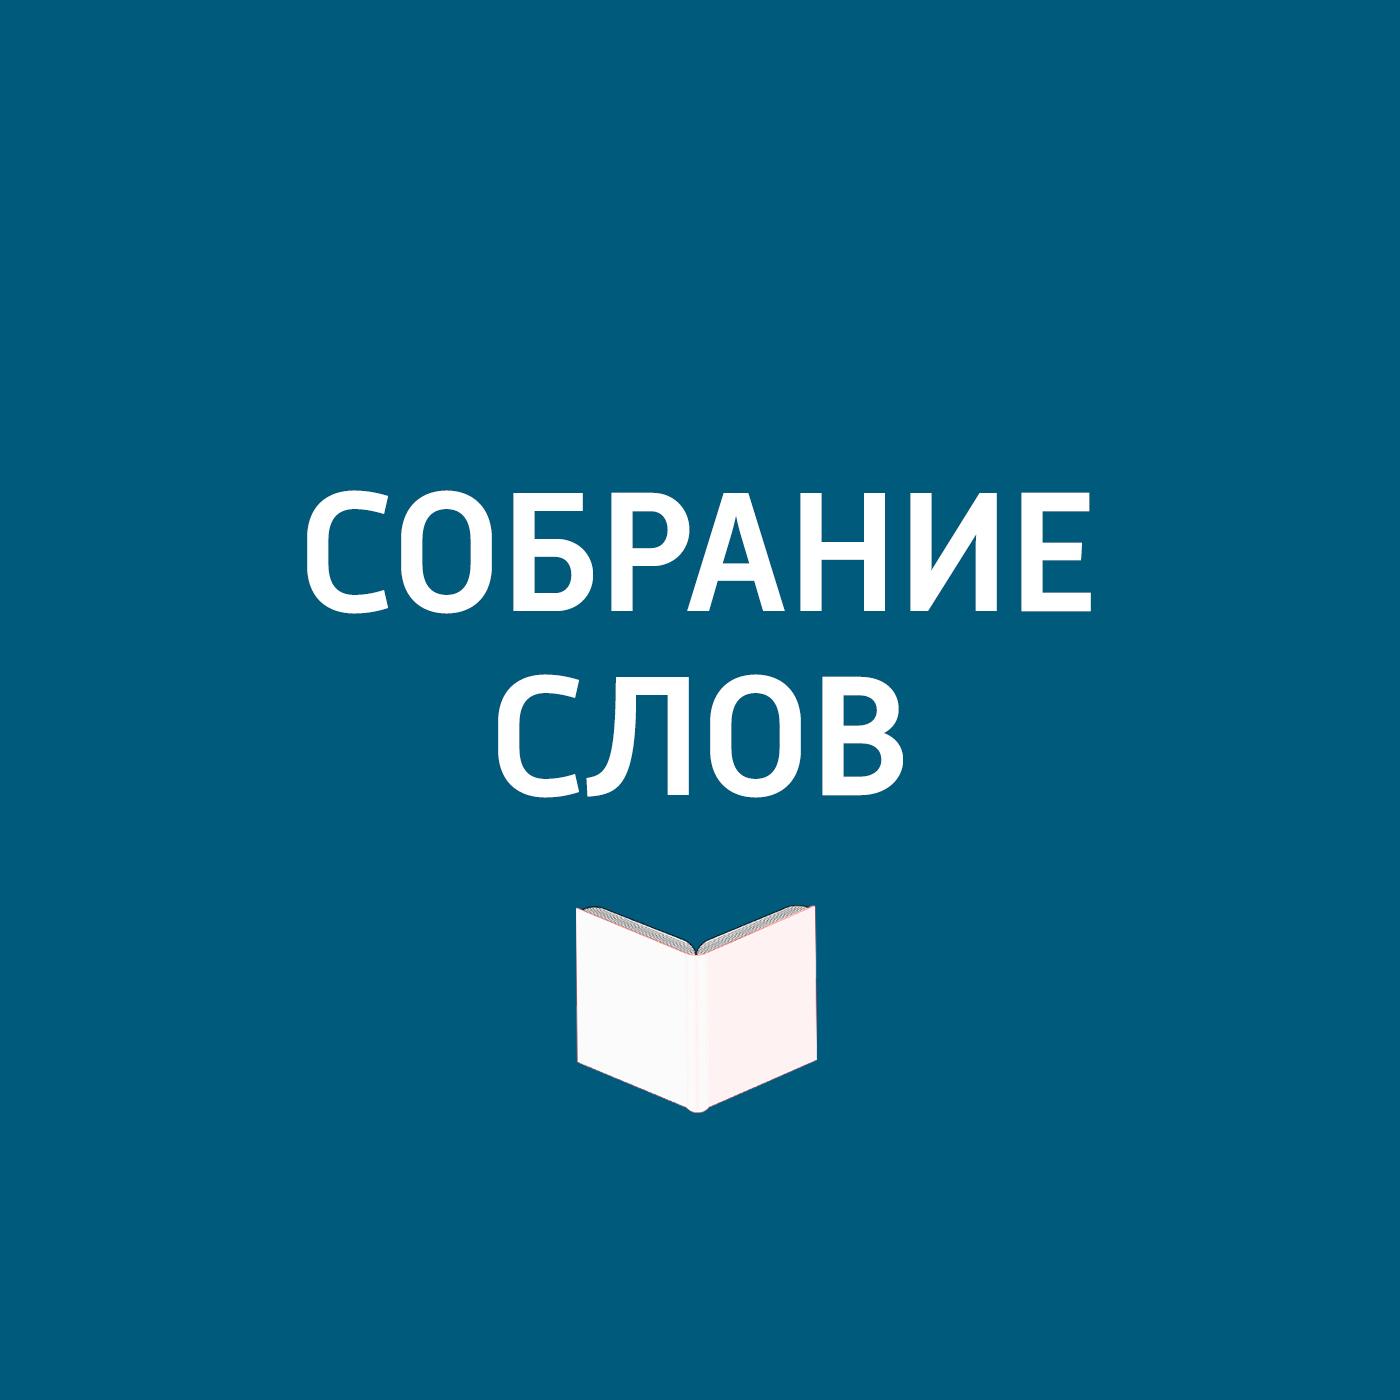 Творческий коллектив программы «Собрание слов» Большое интервью Татьяны Васильевой юрий хазанов кап иди сюда